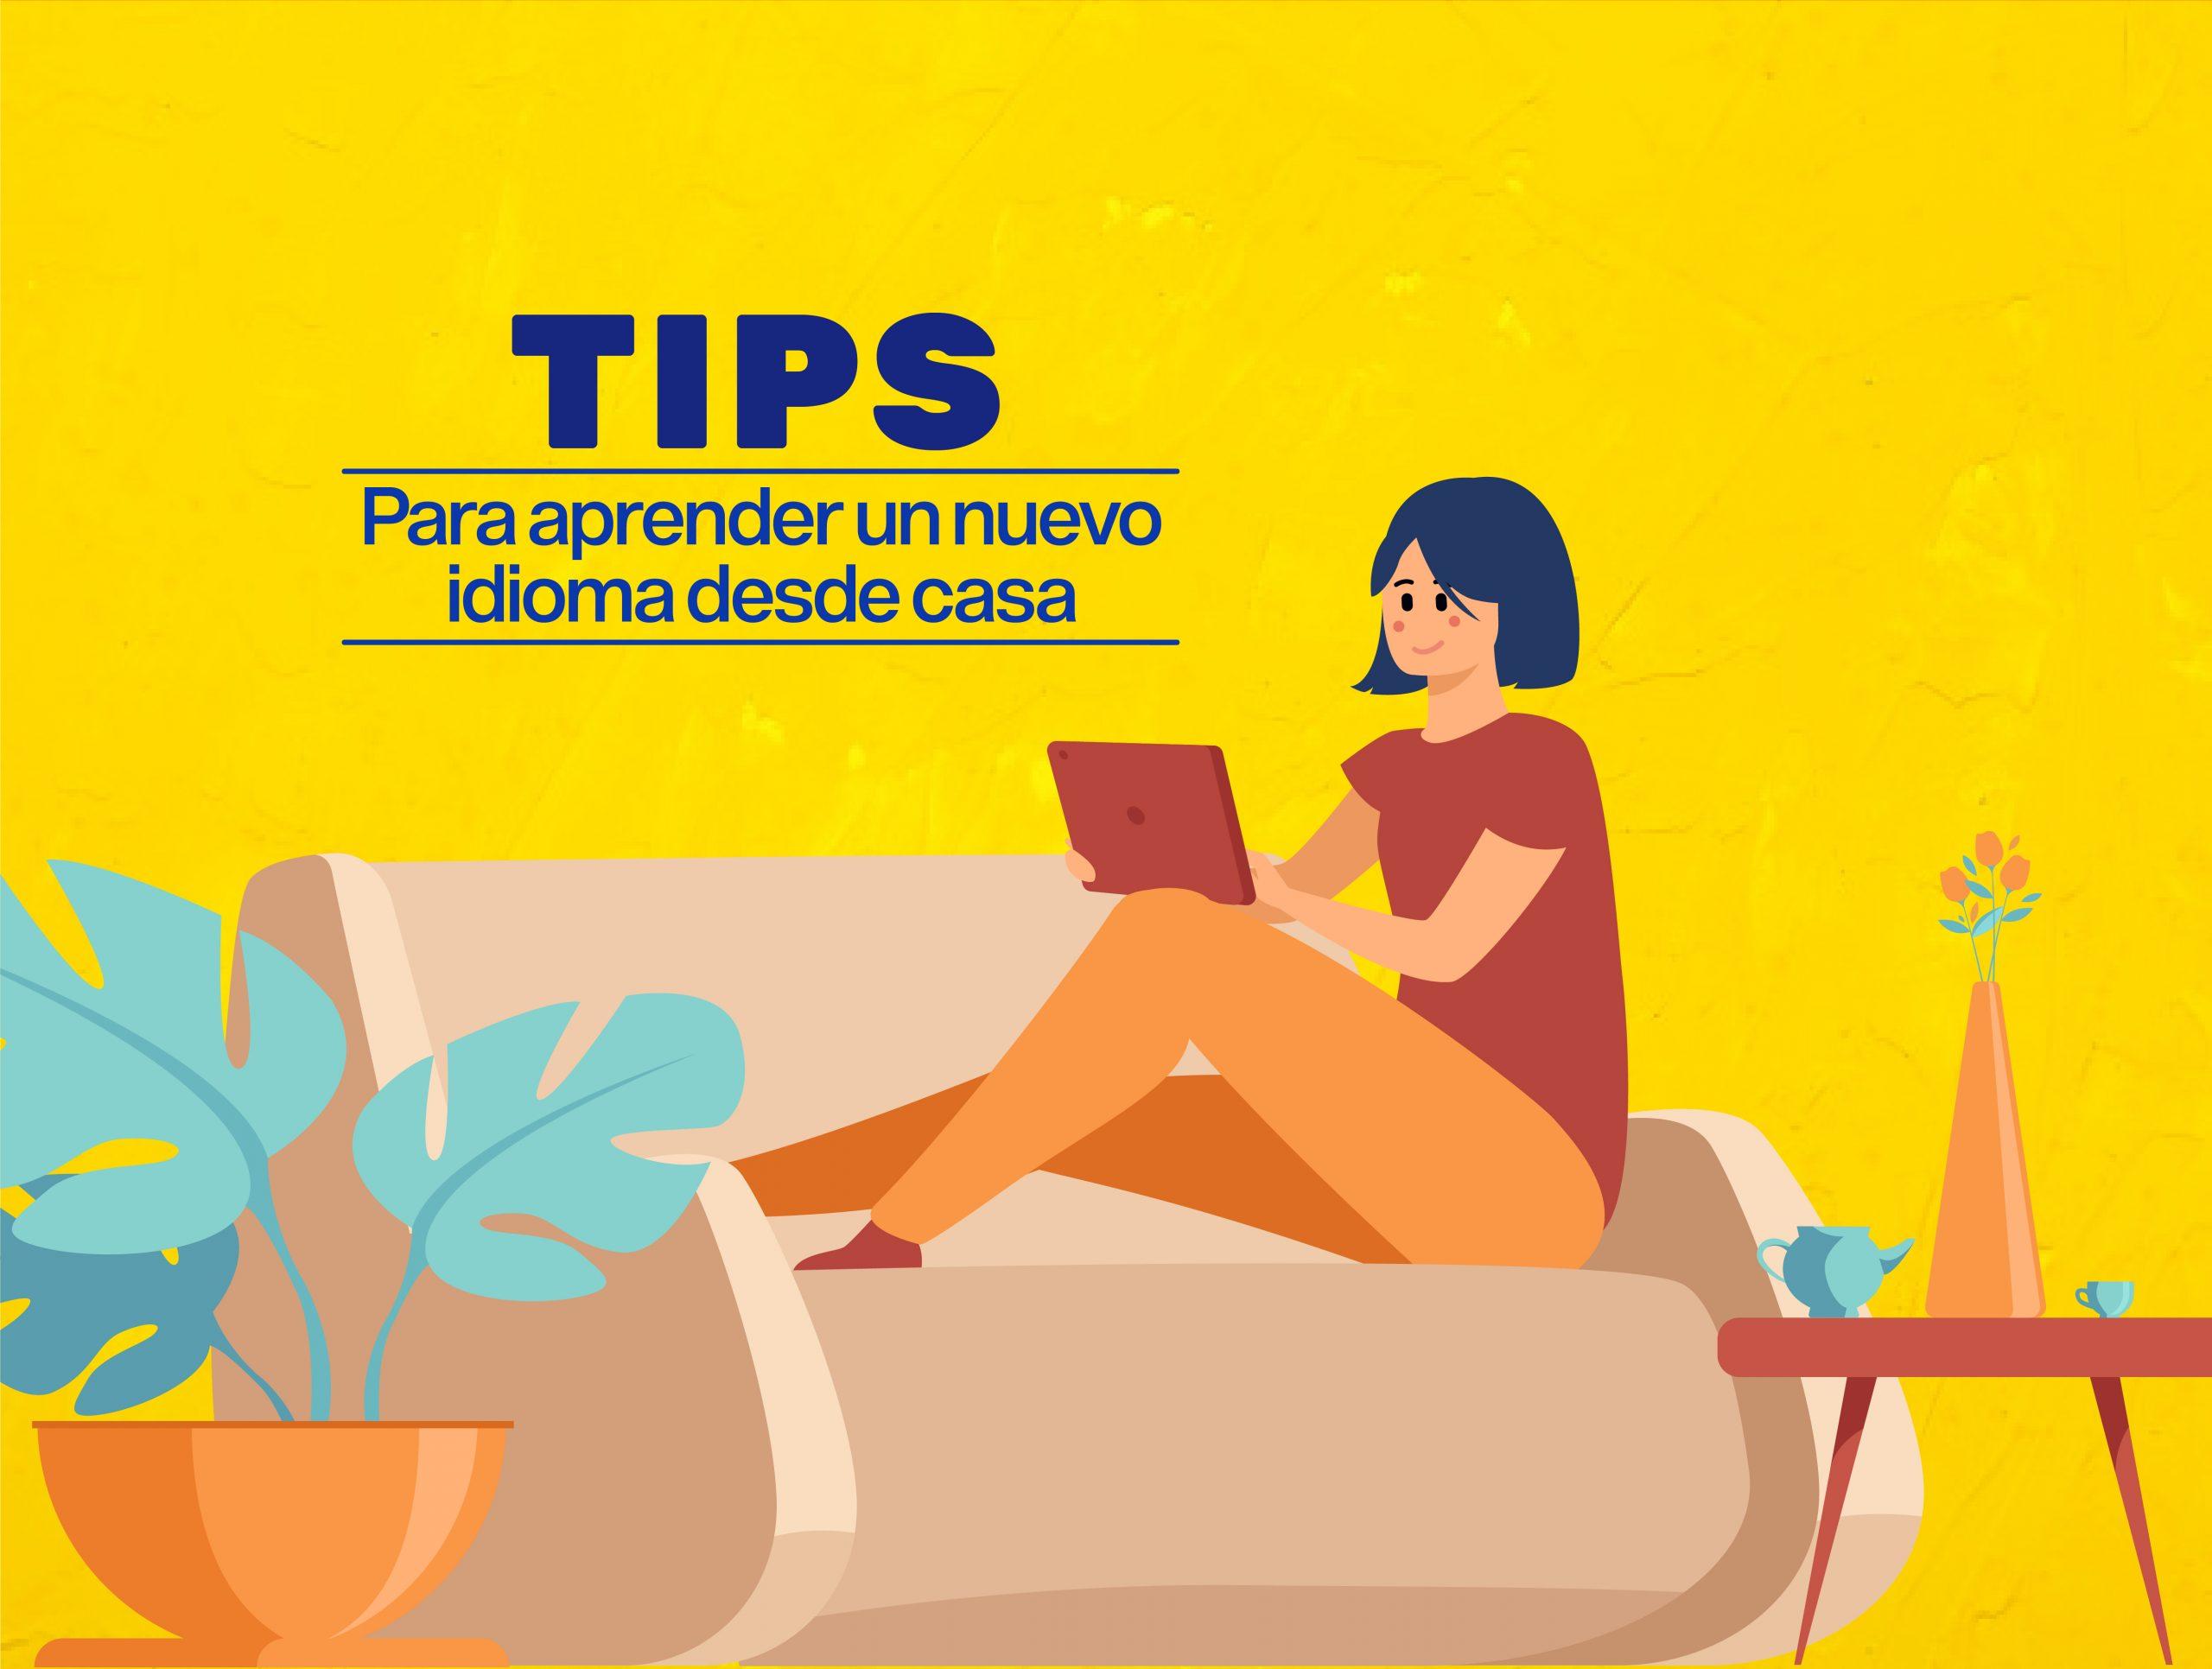 Tips para aprender otro idioma fácil y rápido desde casa